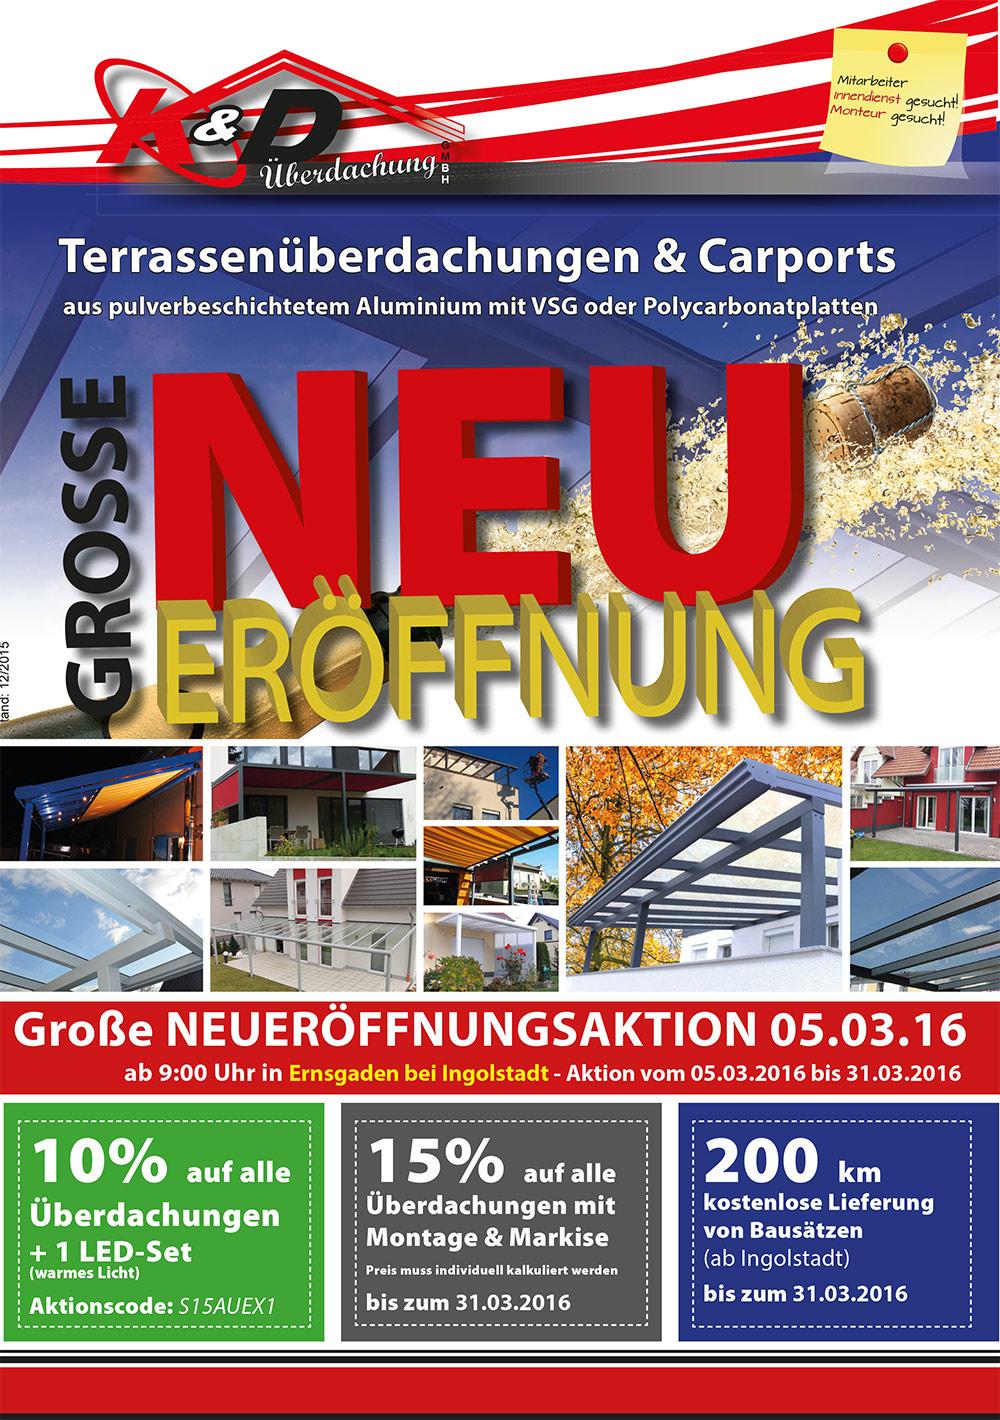 kd berdachung ingolstadt bauunternehmen ernsgaden deutschland tel 084527333. Black Bedroom Furniture Sets. Home Design Ideas